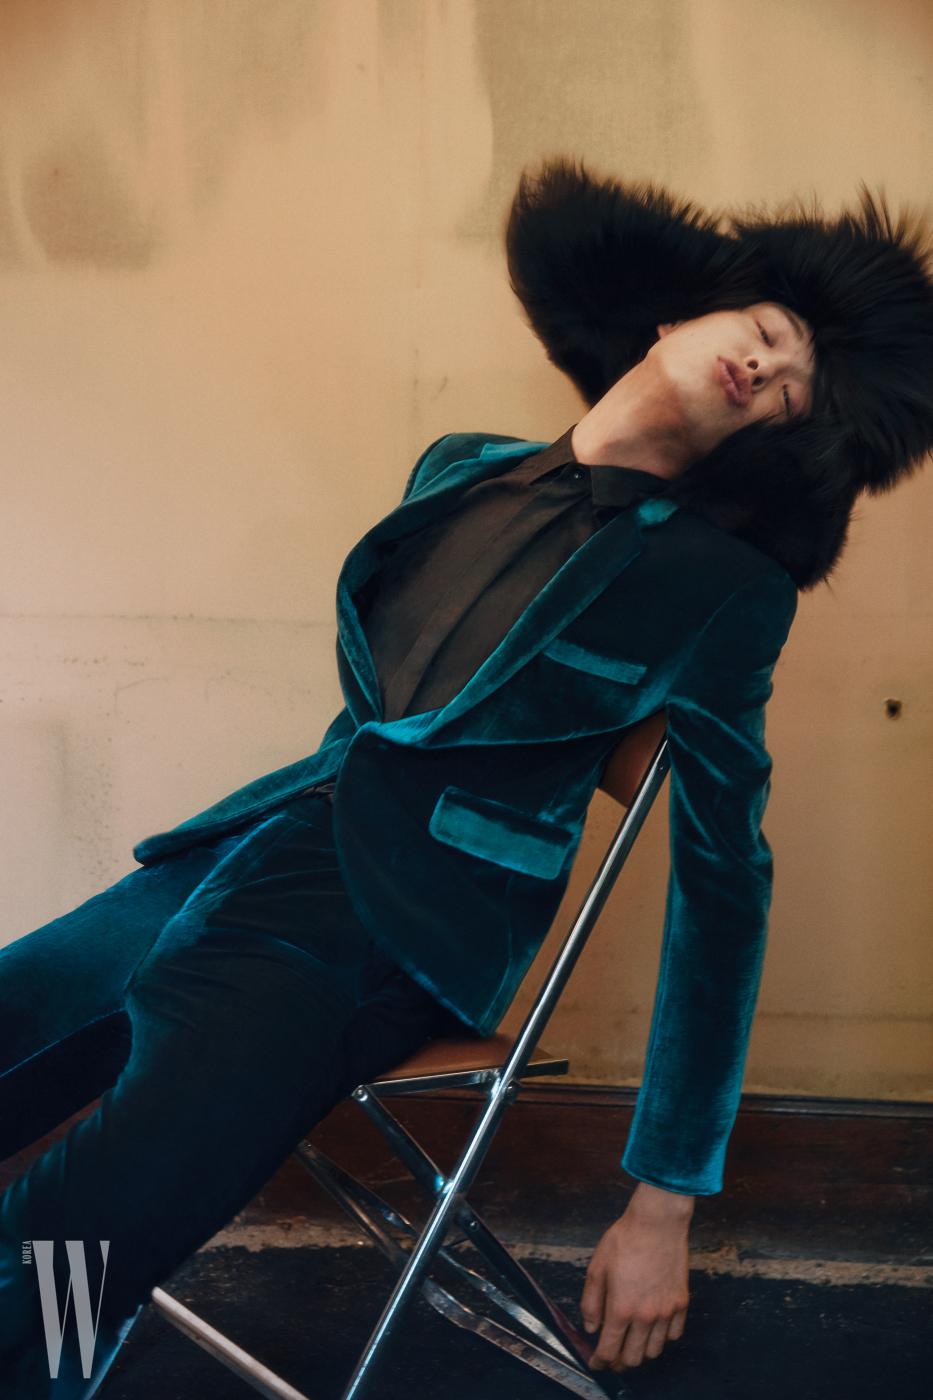 벨벳 슈트, 셔츠, 퍼 모자는 모두 Saint Laurent by Anthony Vaccarello 제품.